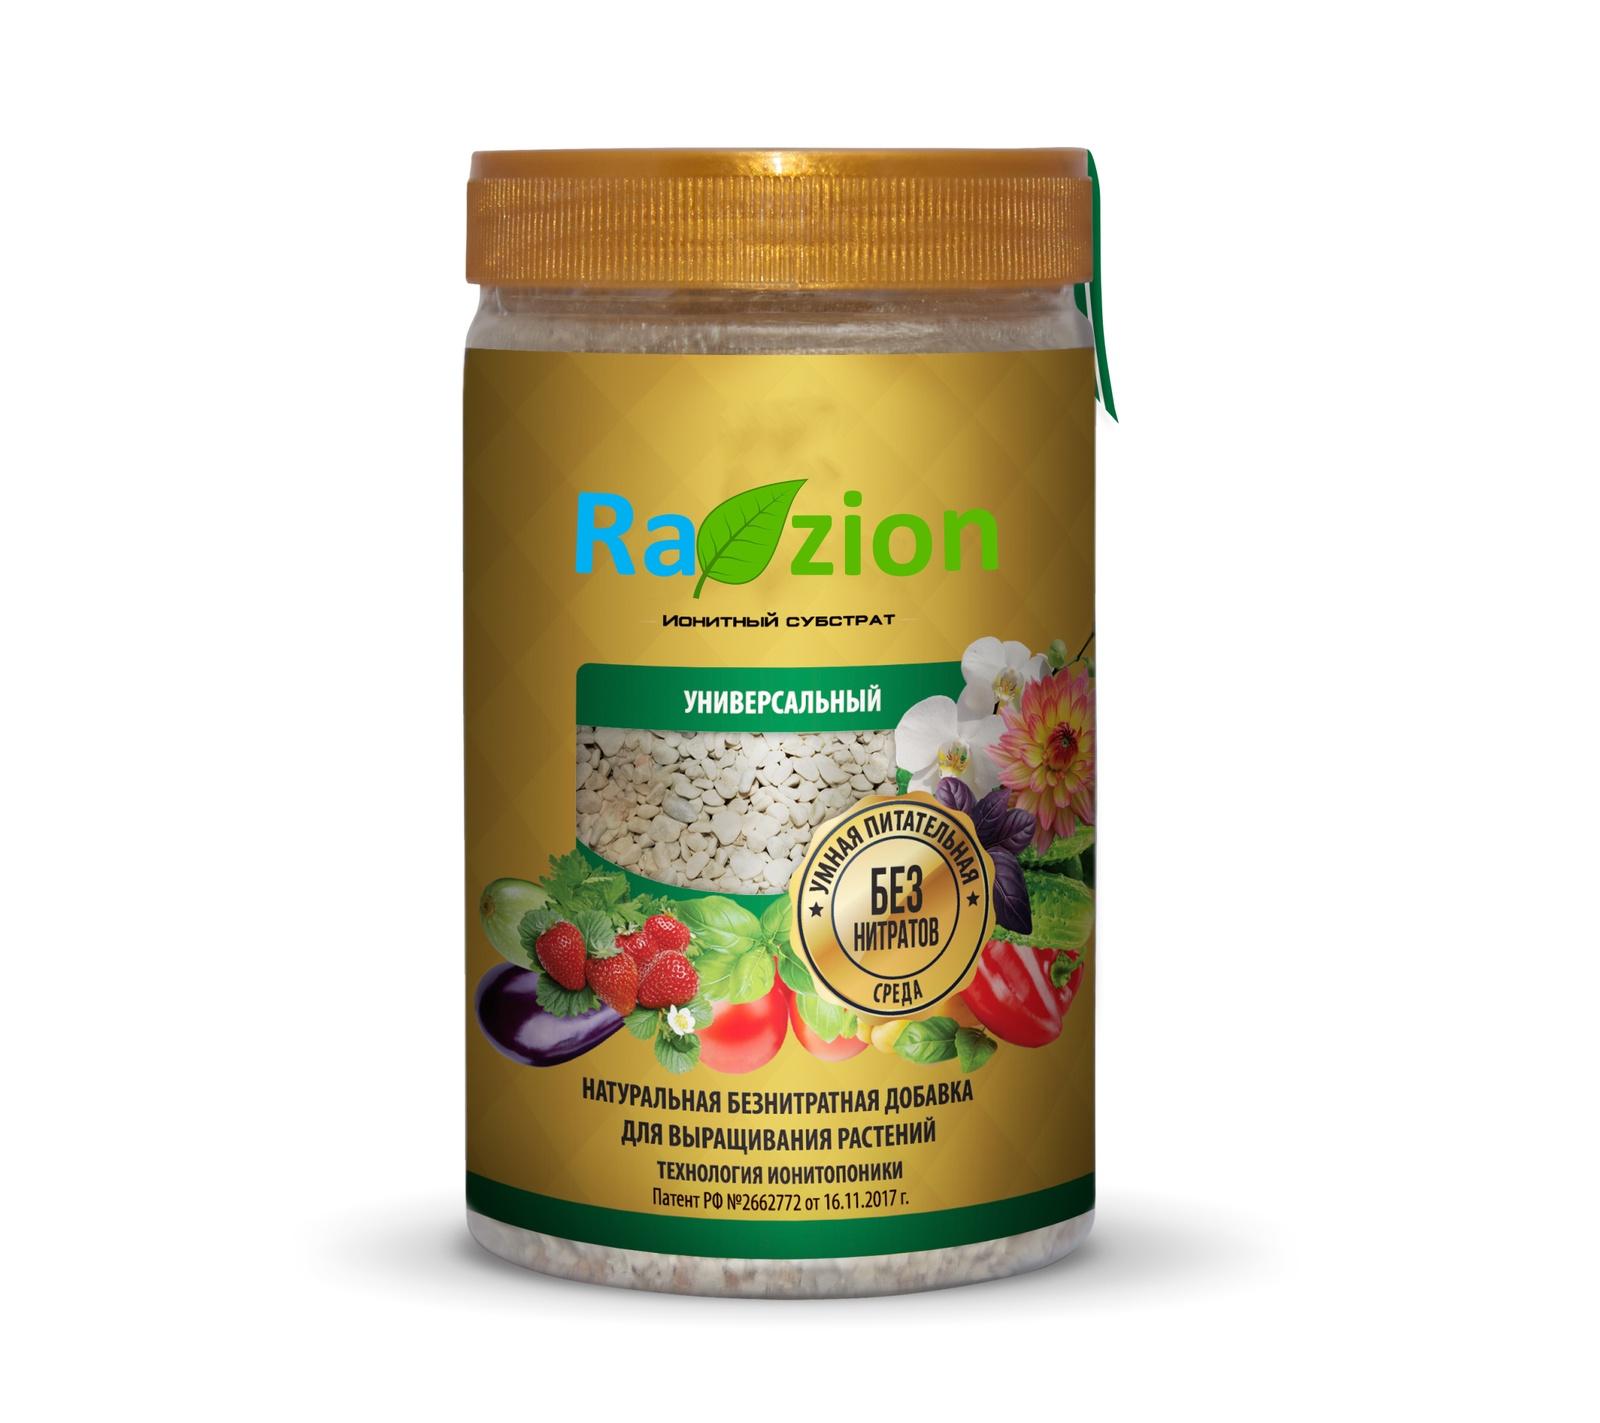 Удобрение RAZION улучшитель грунта универсальный. Комнатные растения и рассада001Ионитный субстрат обеспечивает интенсивный рост растений, развитие сильной корневой системы, повышает урожайность зеленных, овощных и плодово-ягодных культур, сокращает сроки созревания. Способствует раннему и длительному цветению садовых цветов. RAZION может использоваться как самостоятельно, так и в виде малых добавок к любым основам (деградированные грунты, пески, перлит, вермикулит, разбалансированная почва любого состава и др.).Идеально подходит для выращивания рассады.Содержит в 60 раз больше питательных элементов, чем самый плодородный грунт.Экологически безопасен. Не является минеральным удобрением, не содержит нитратов, гормонов и ускорителей роста.Способствует адаптации и приживаемости растений после пересадки.Продуктивен до 10 лет.Рекомендован для прямого контакта с корневой системой.Оптимальное соотношение питательных элементов для гармоничного роста и цветения садовых и комнатных растенийСпособ применения:Перемешайте ионитный субстрат RAZION с грунтом, посадите растение, полейте водой. Рекомендуемое соотношение: 1 столовая ложка субстрата (30 г) на 1 литр грунта. Ограничений по количеству вносимого субстрата нет. Внесение большего количества субстрата позволит только повысить эффективность его работы и продлить срок полезного действия.